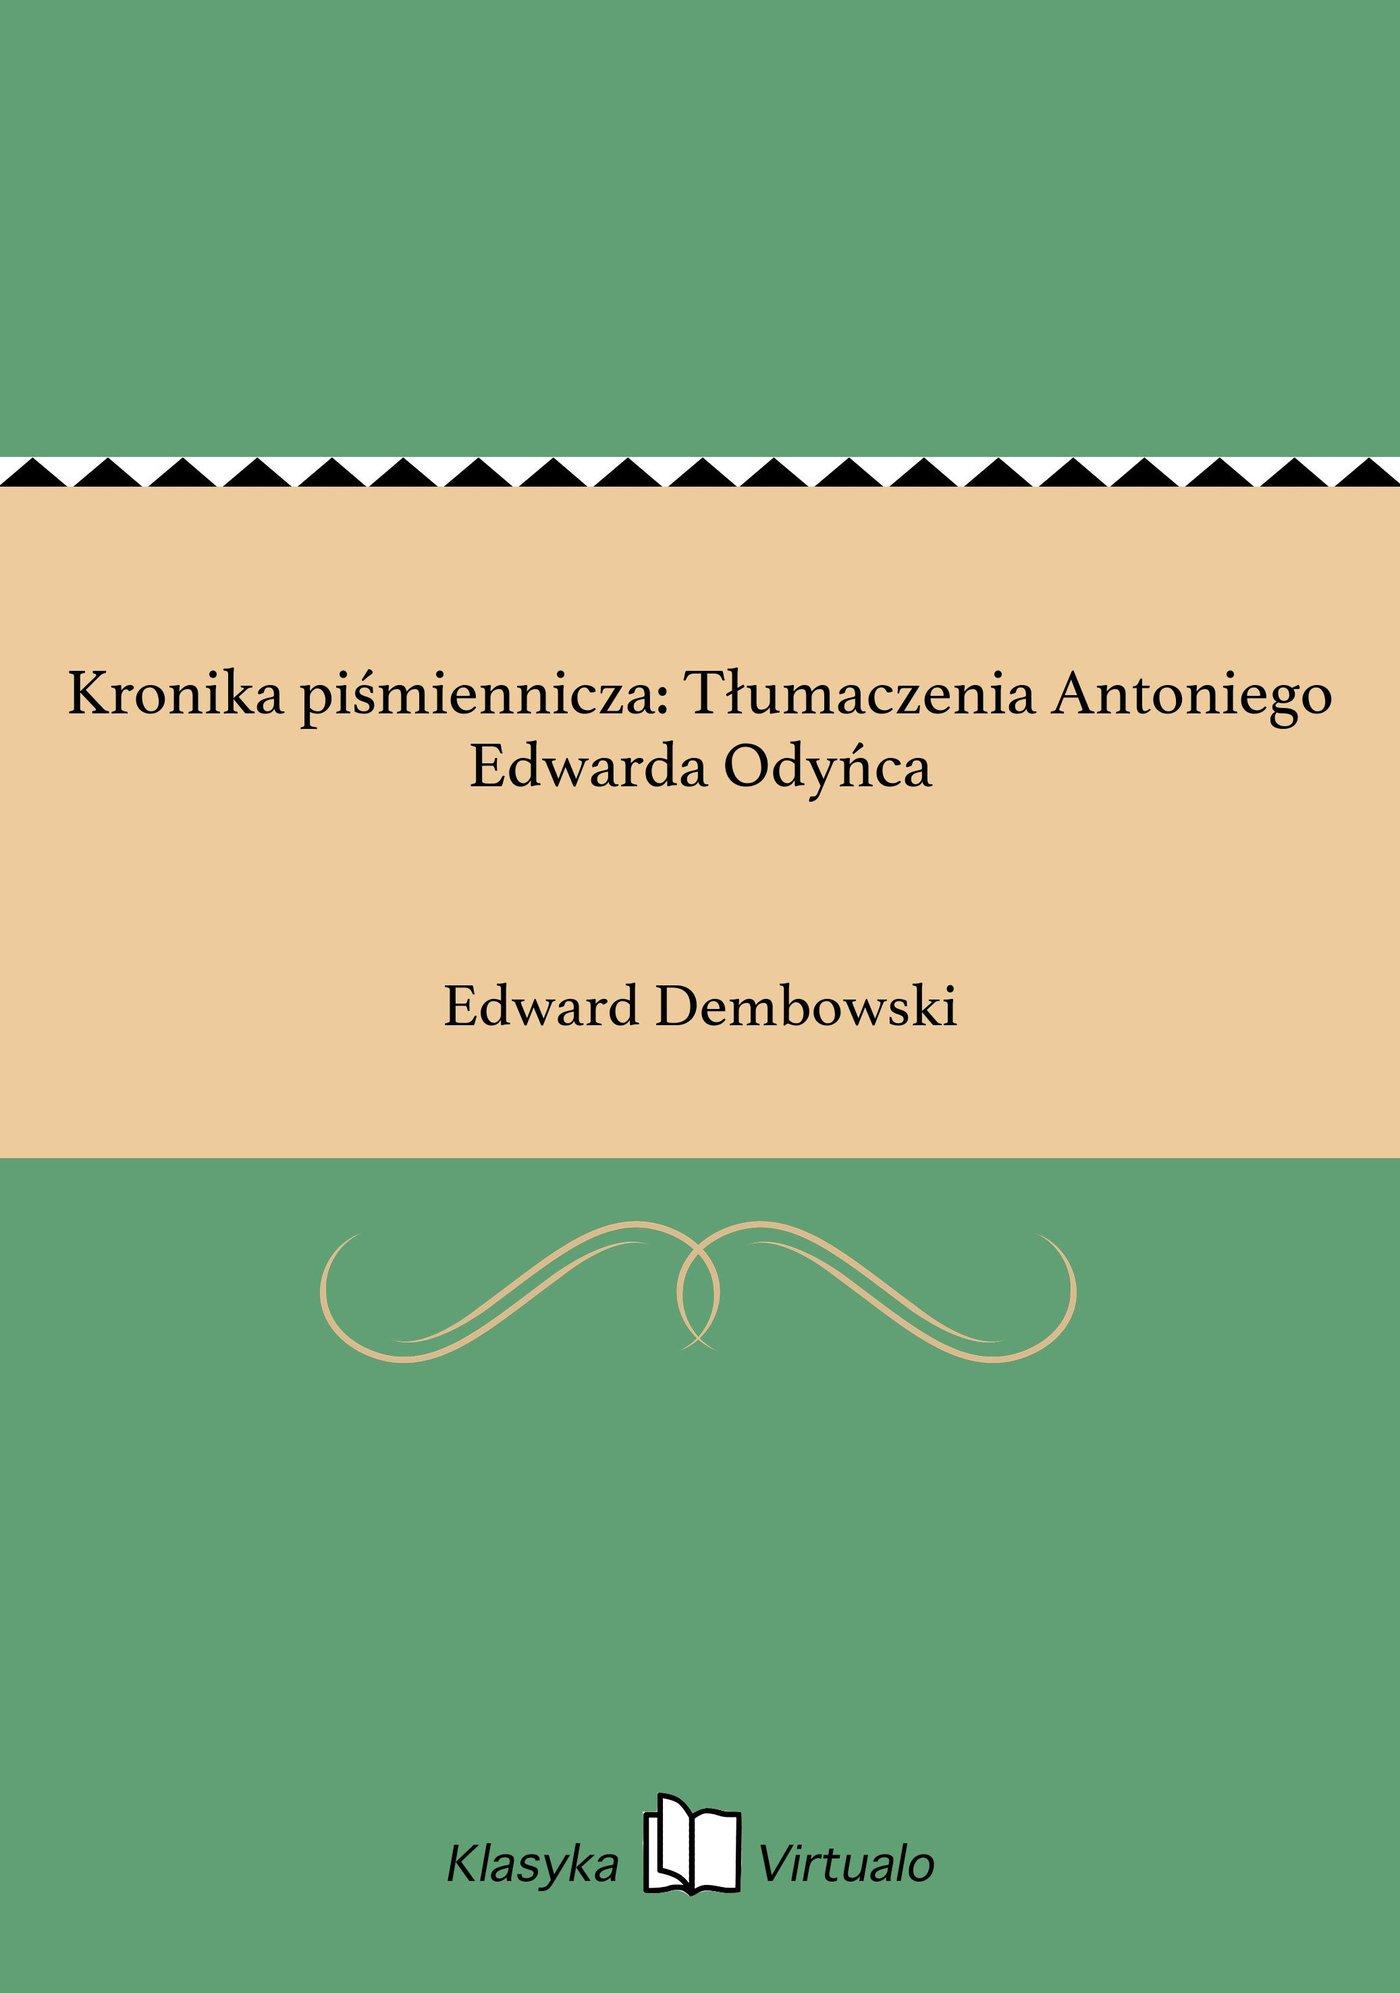 Kronika piśmiennicza: Tłumaczenia Antoniego Edwarda Odyńca - Ebook (Książka EPUB) do pobrania w formacie EPUB